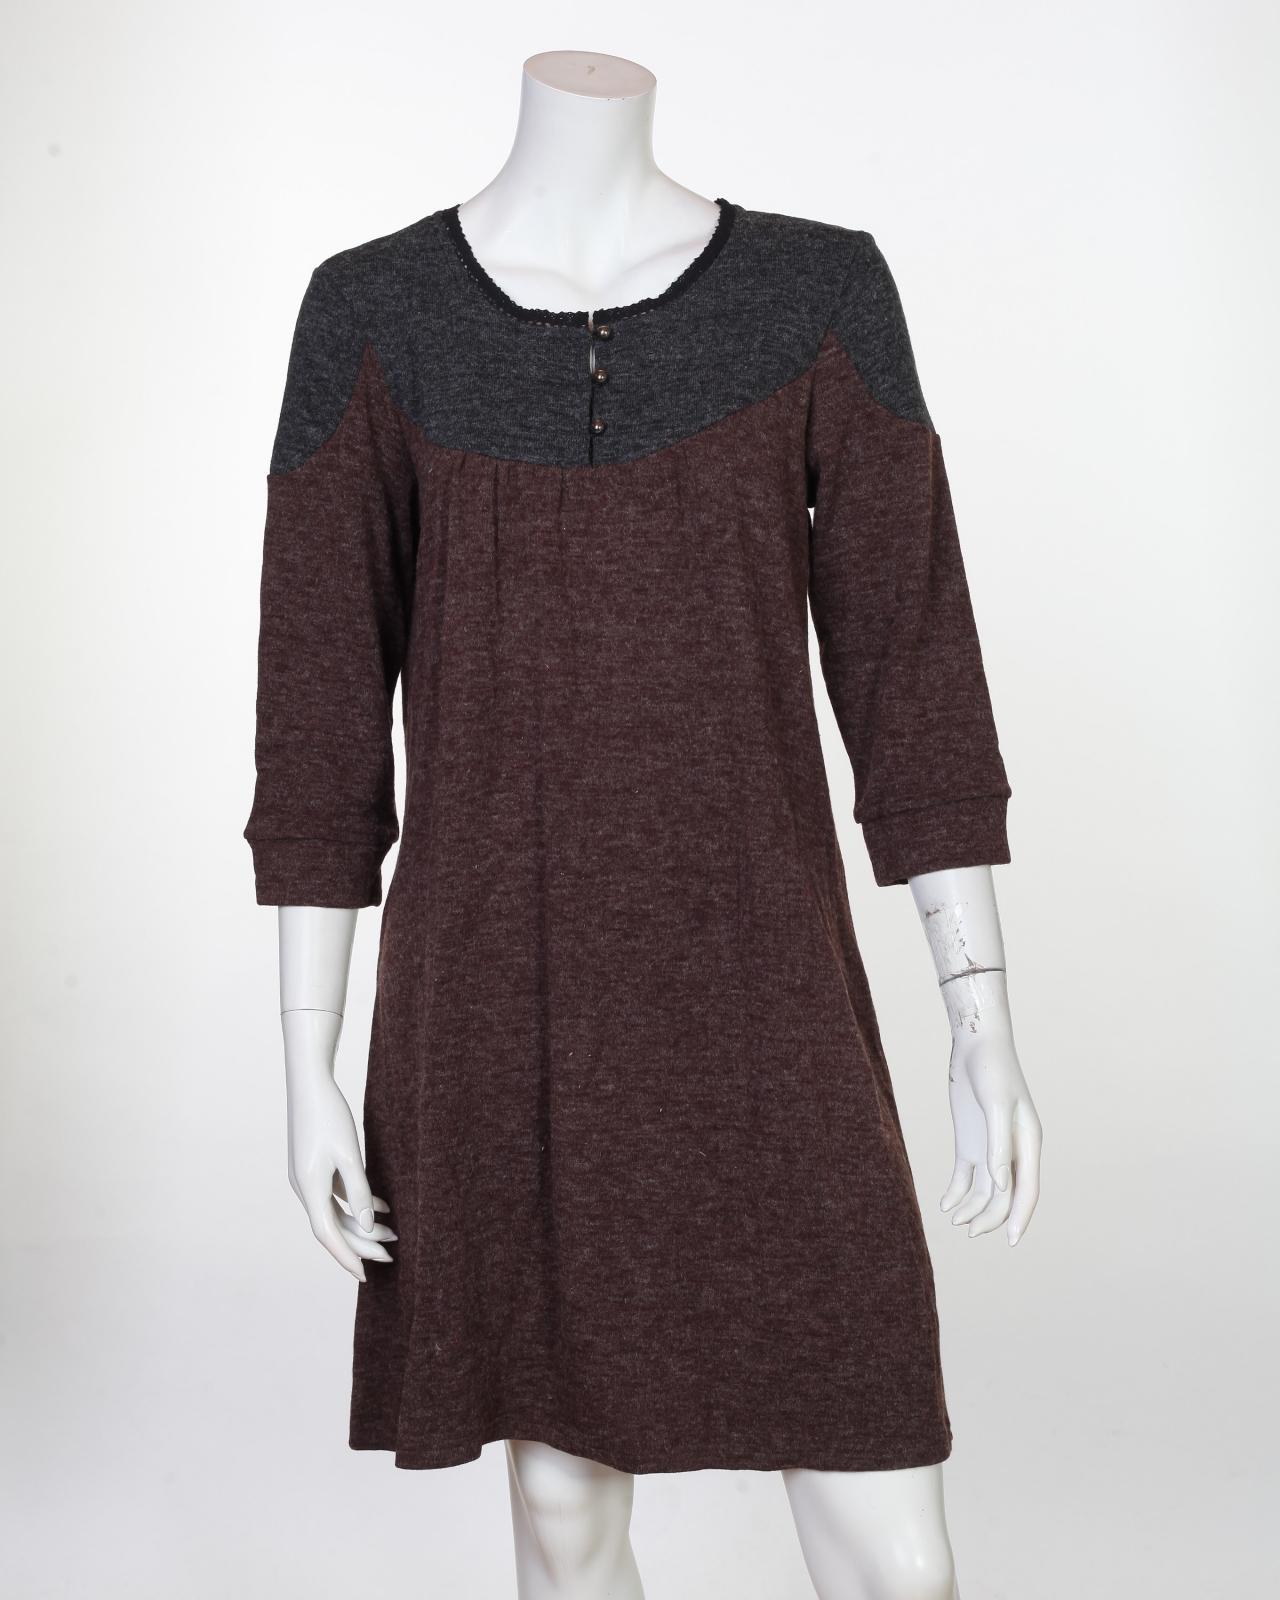 Аккуратное бордовое платье с пуговичками